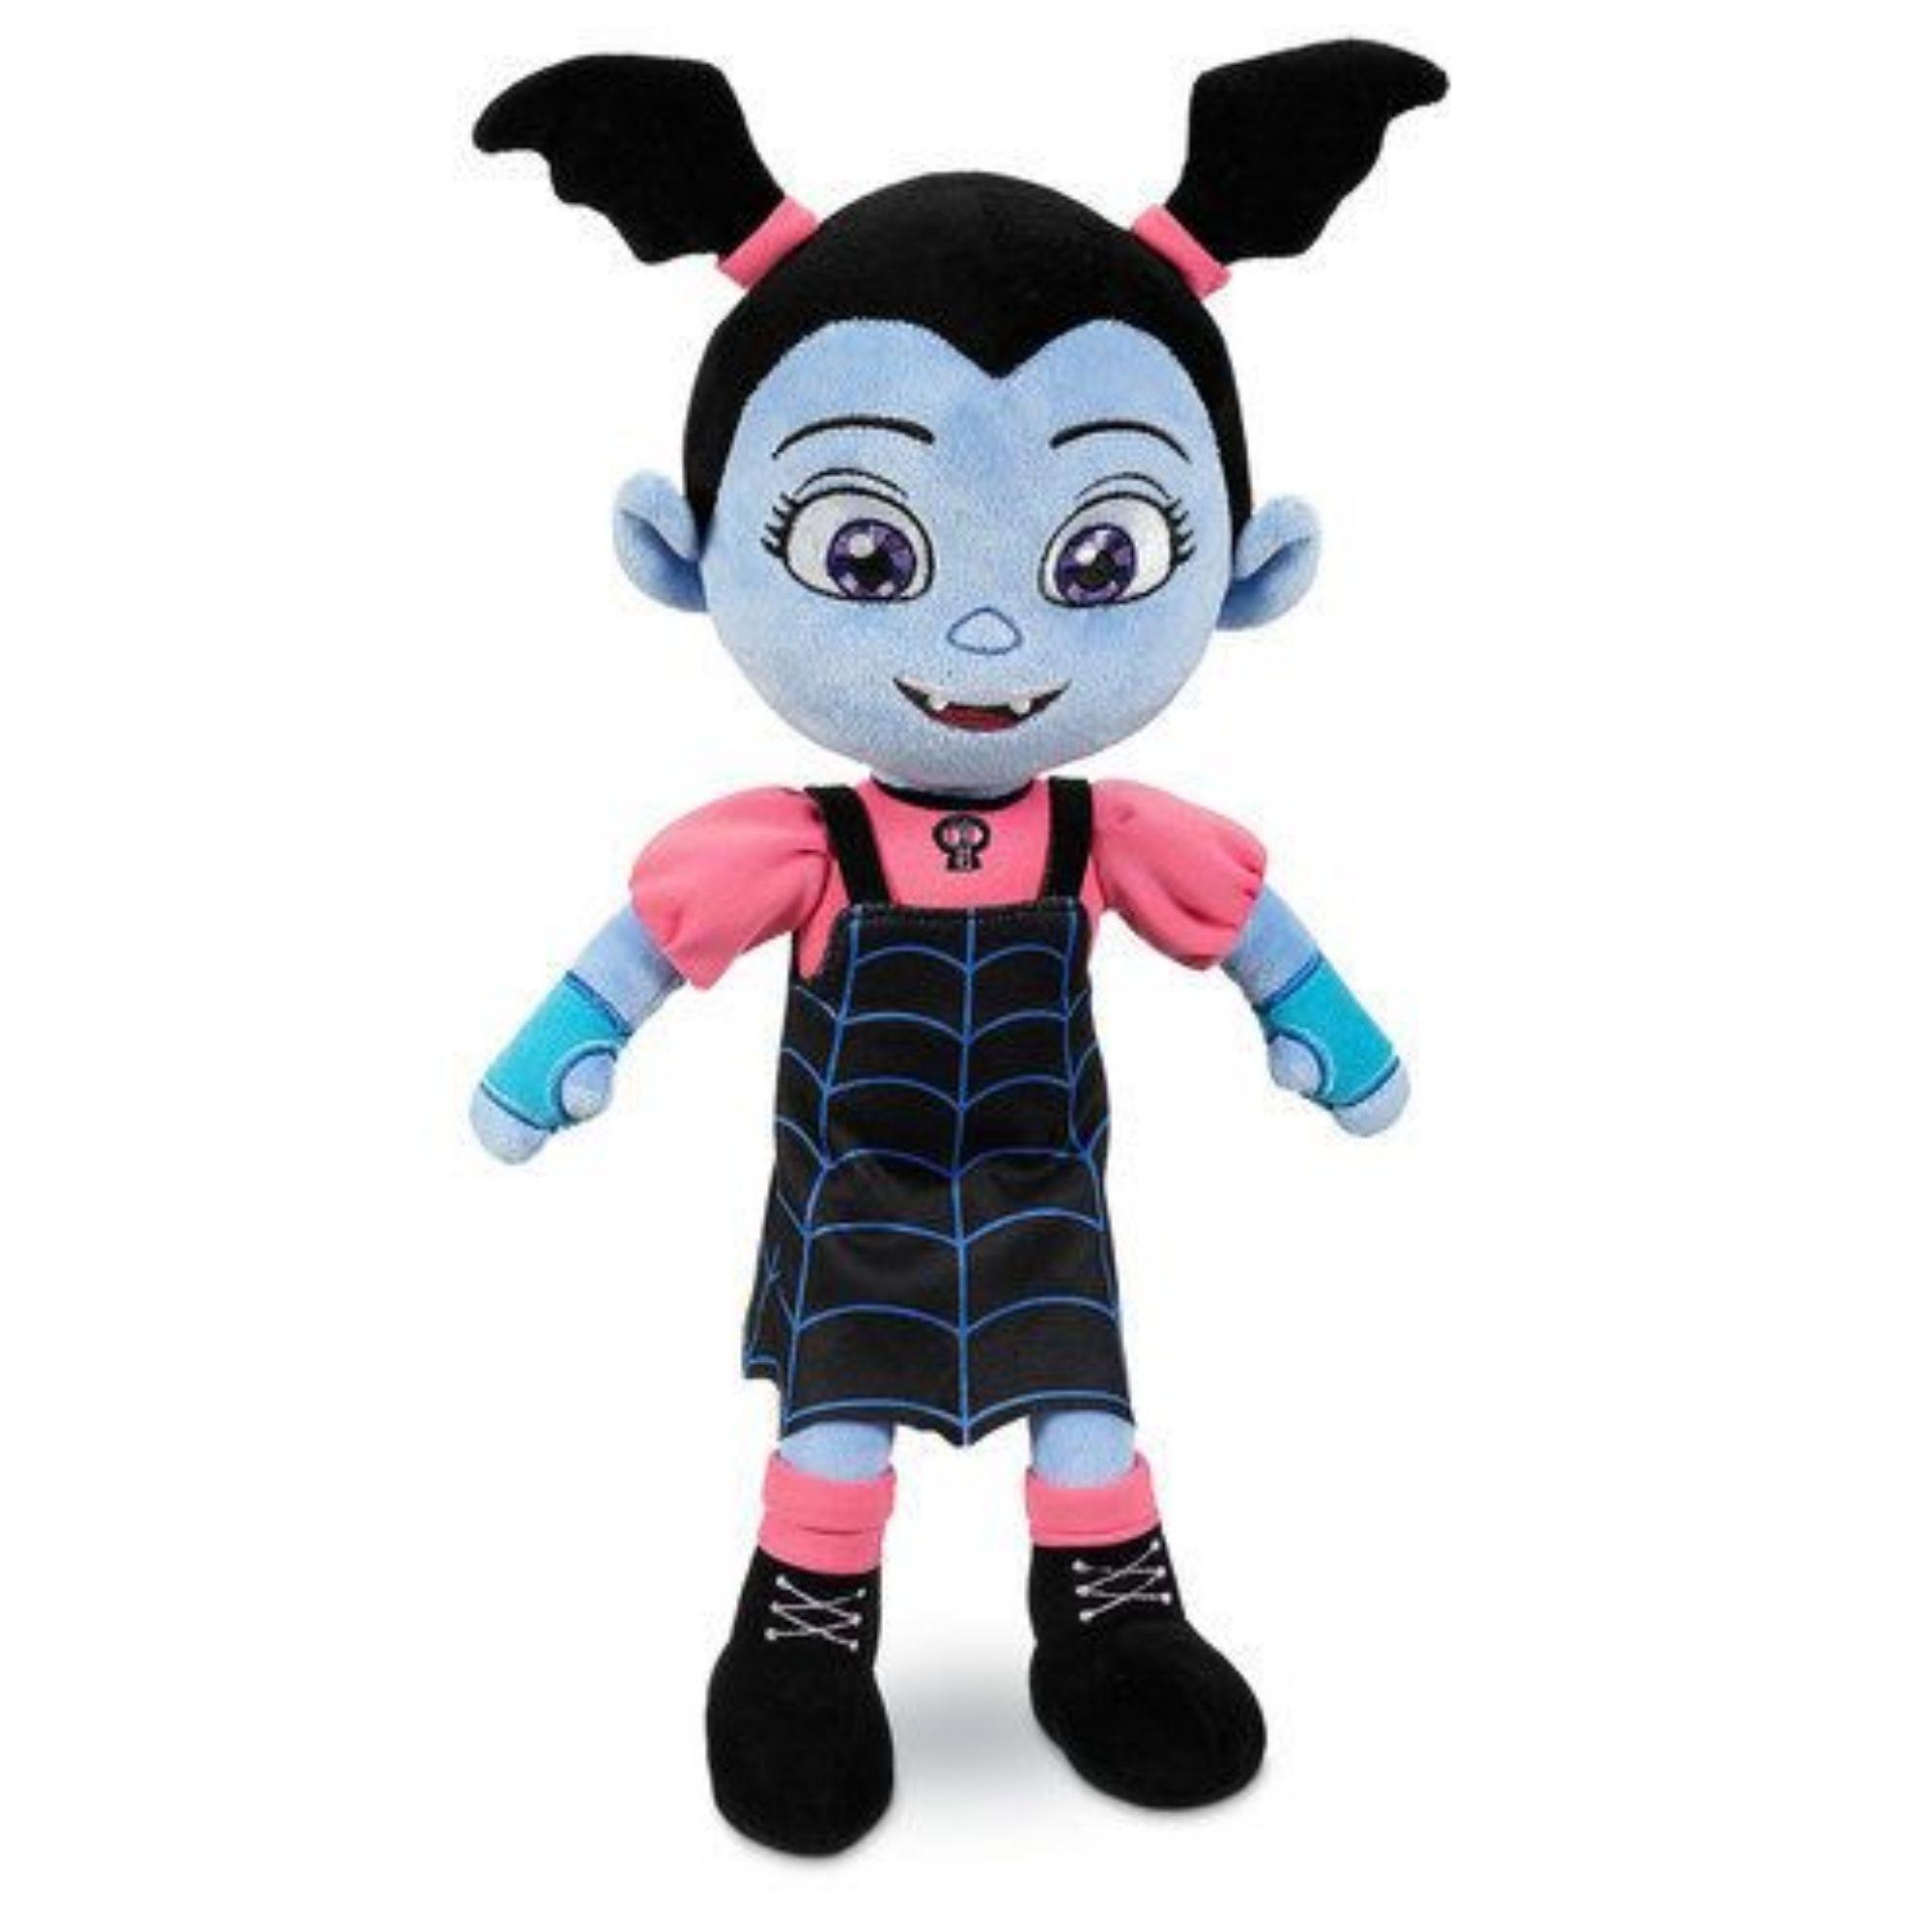 Vampirina Boneca de Pelucia desenho animado   - Game Land Brinquedos